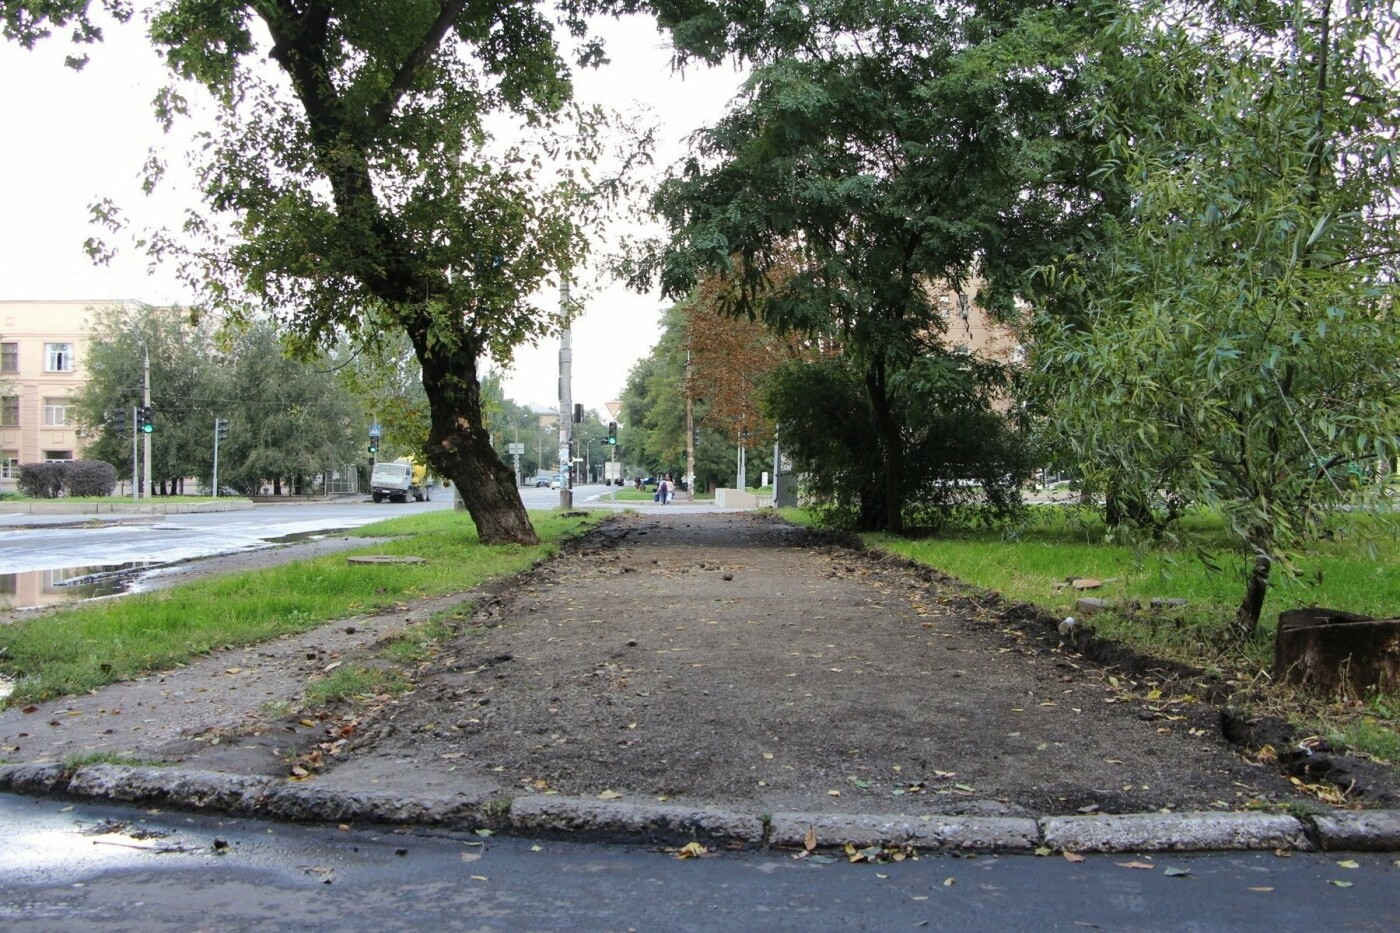 В Запорожье ремонтируют тротуары в районе проспекта Металлургов, - ФОТО, фото-1